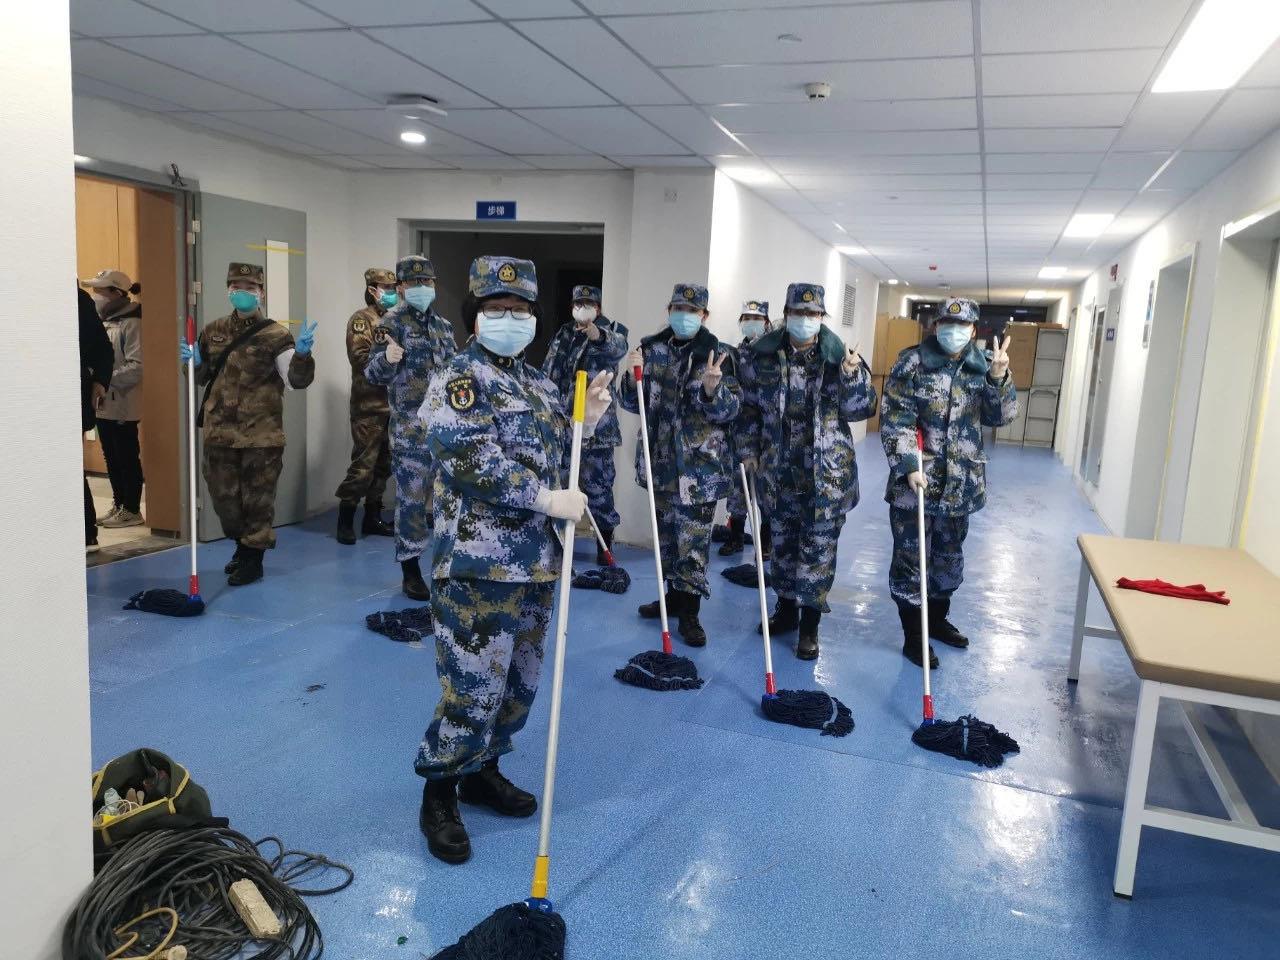 武汉一名百岁新冠肺炎患者治愈出院,背后有杨浦退役军人的护理